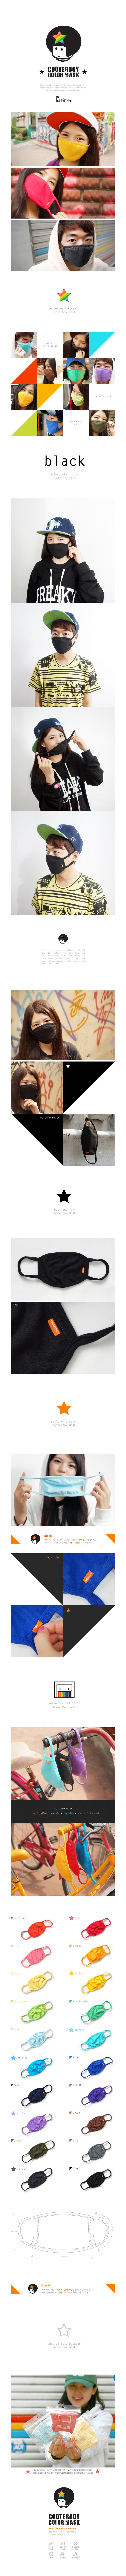 쿠터보이 컬러마스크 - 블랙(Black) - 께끼, 5,000원, 마스크, 마스크